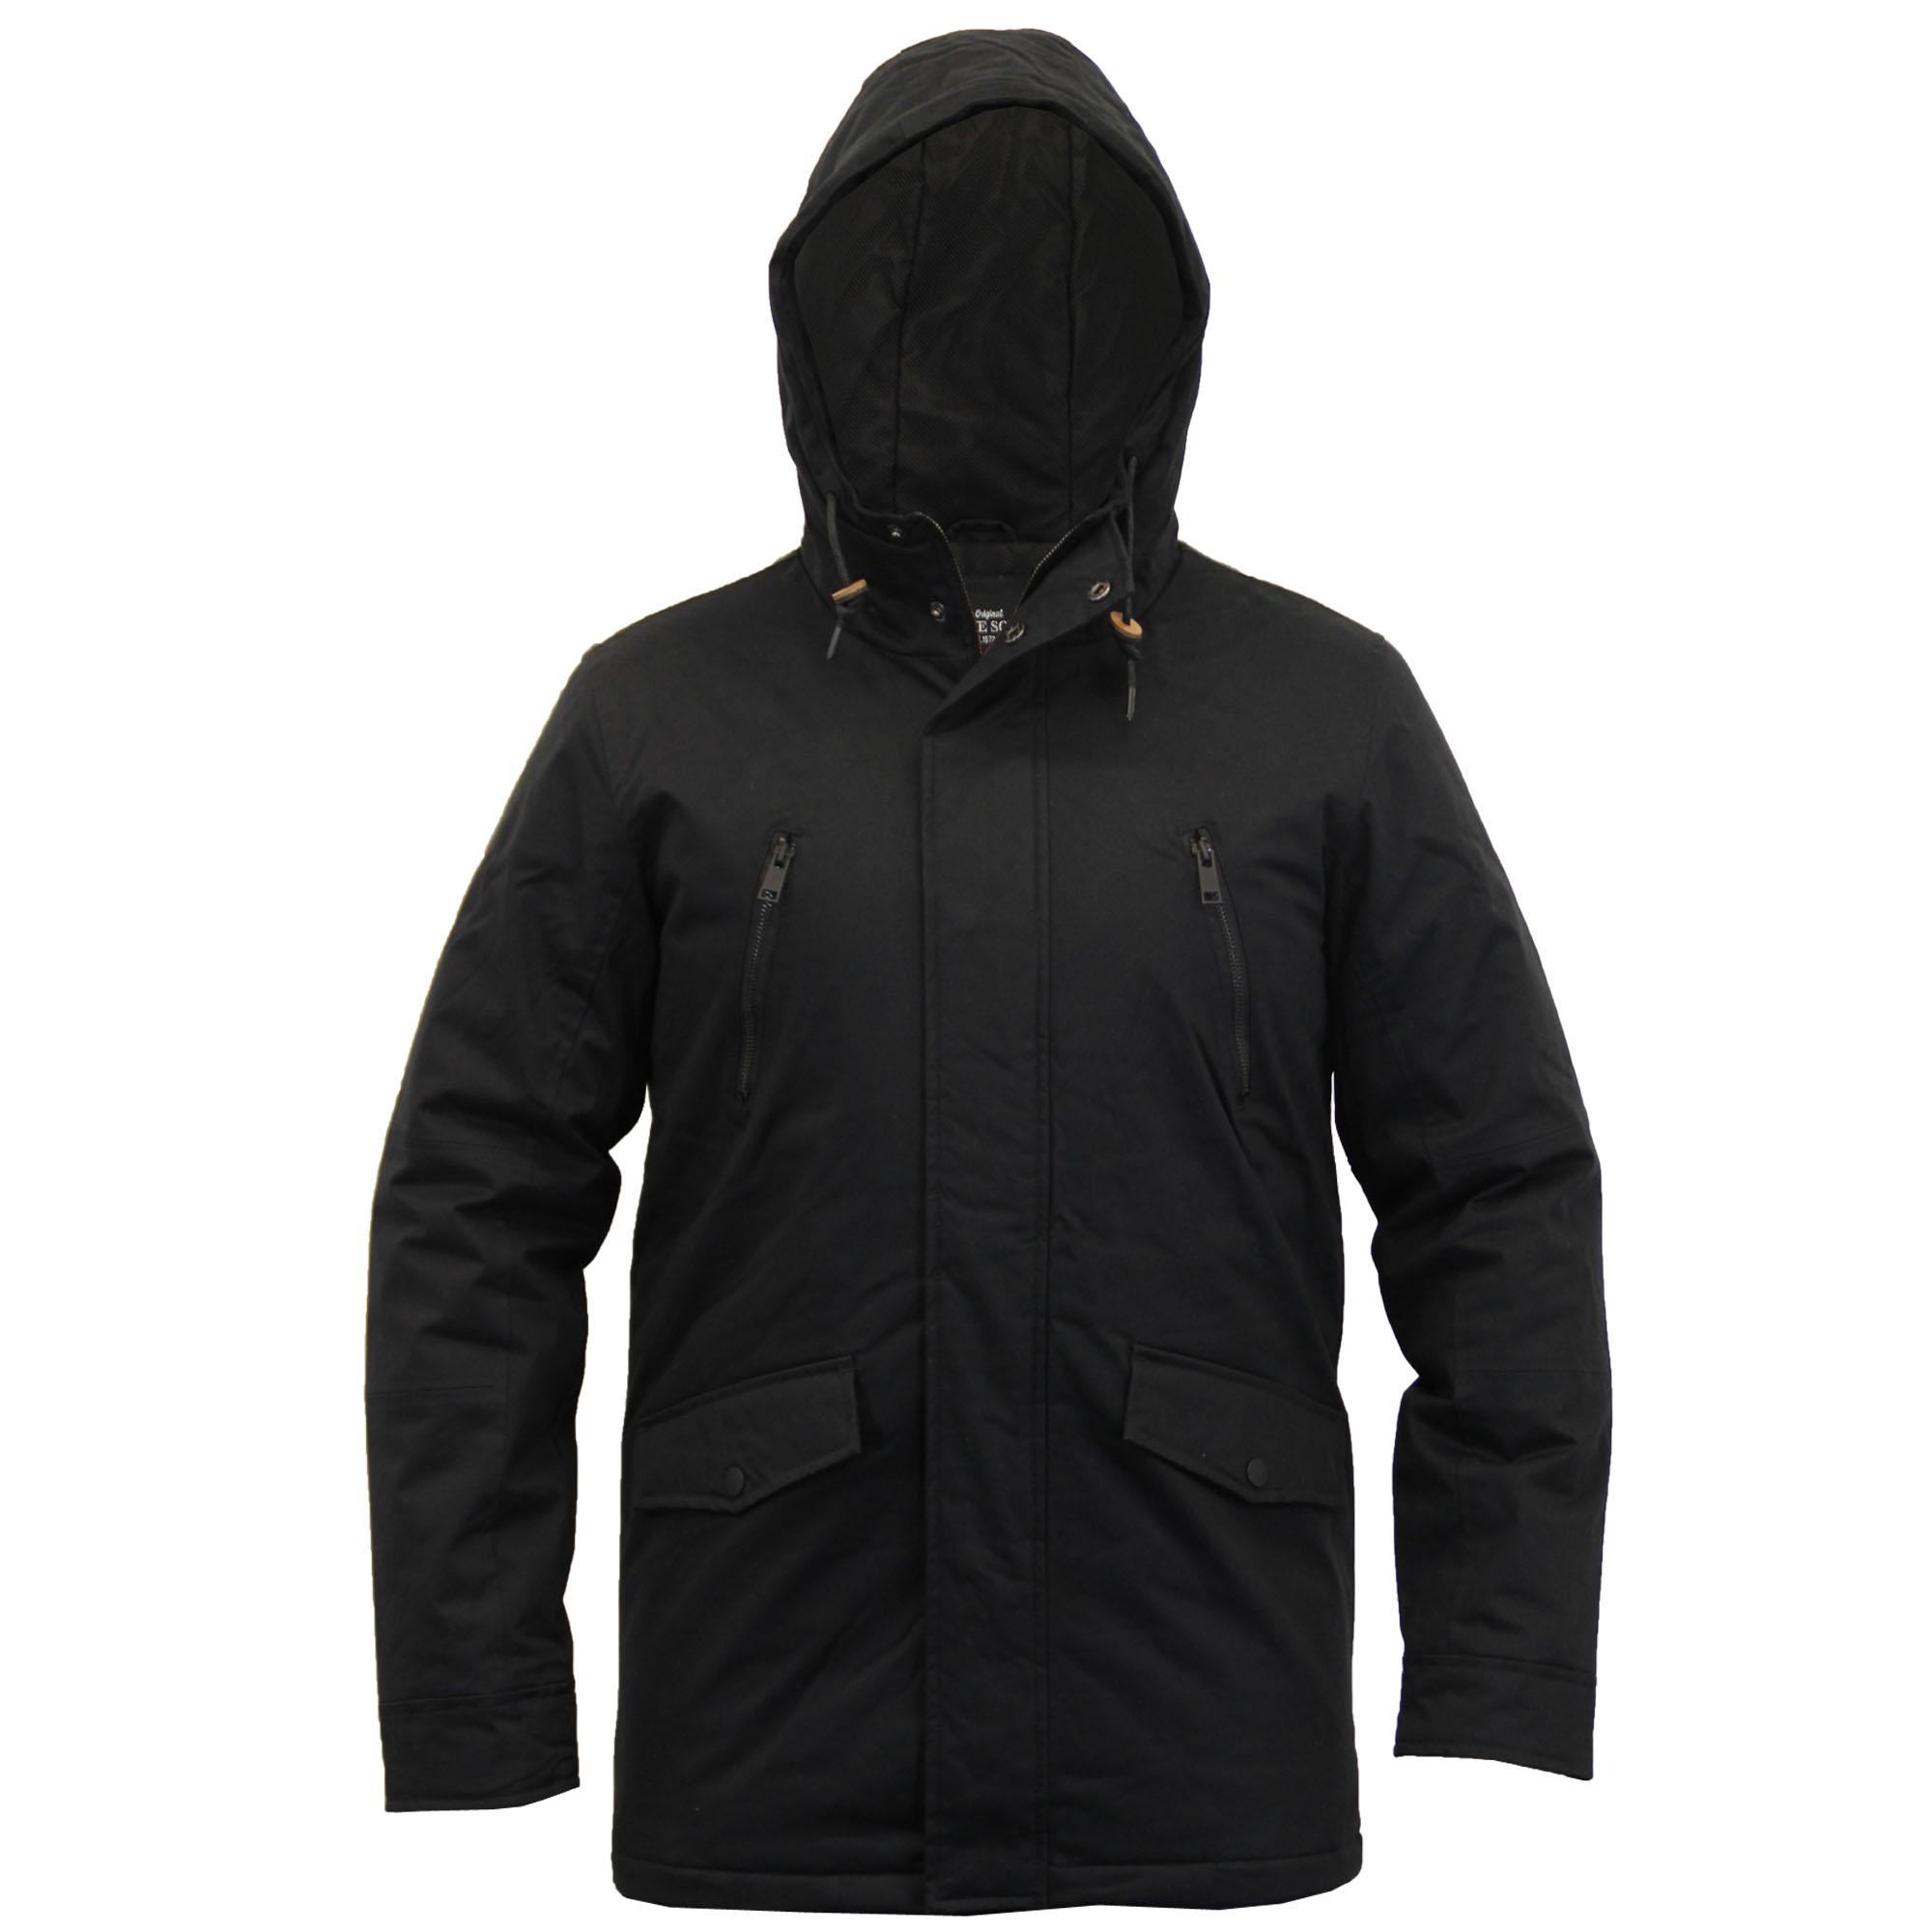 mens jacket brave soul coat padded windbreaker mesh hooded. Black Bedroom Furniture Sets. Home Design Ideas